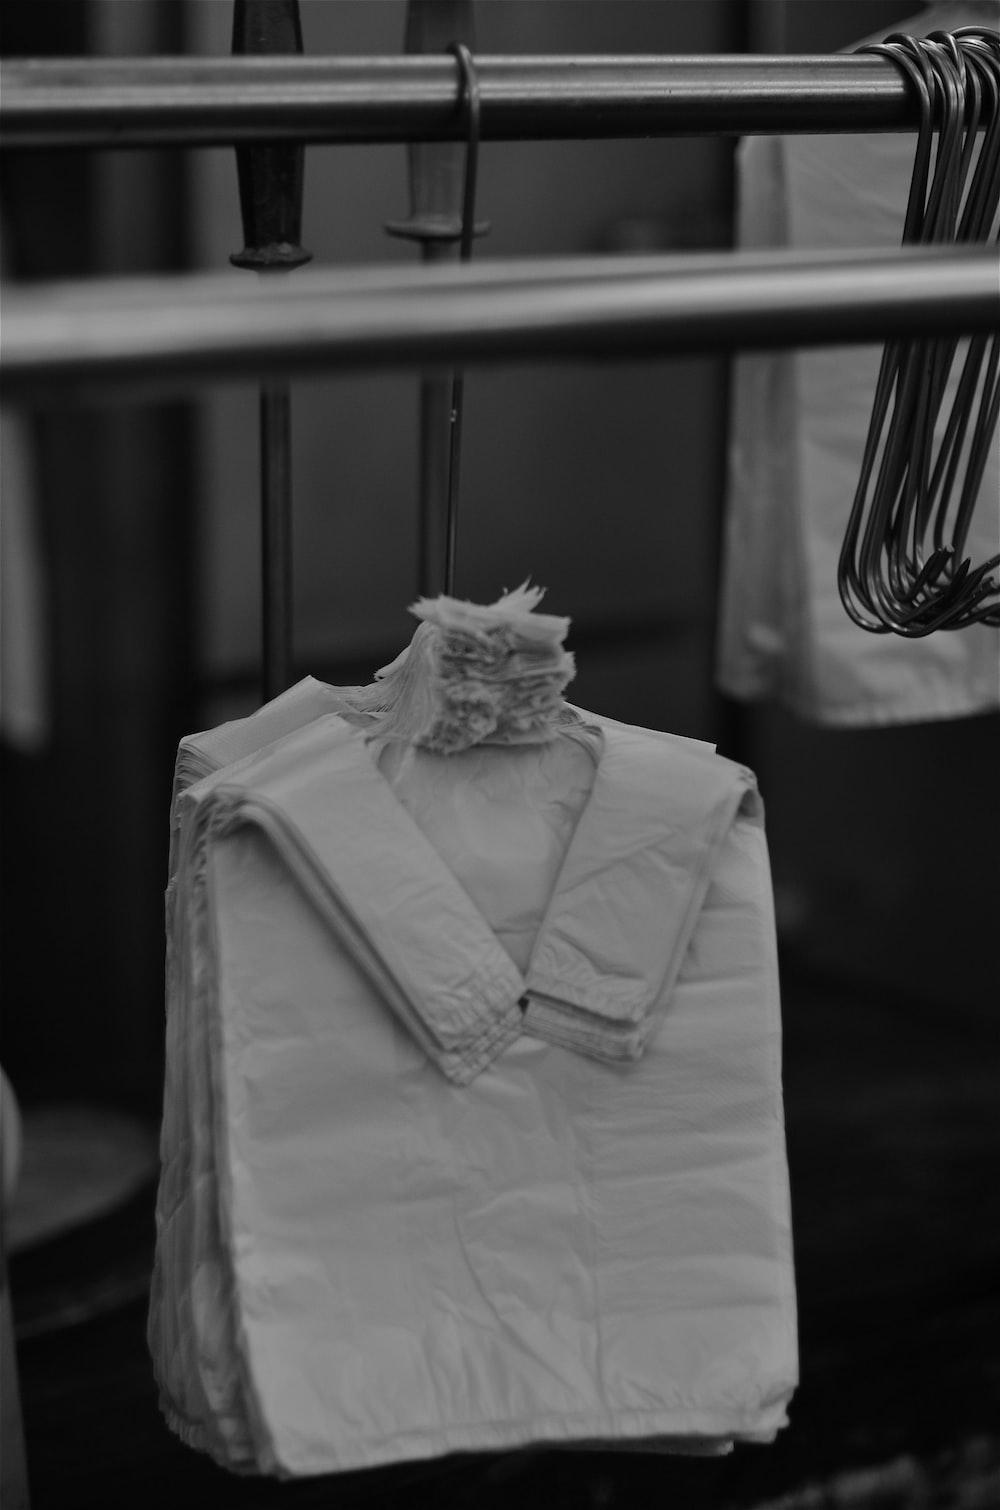 grayscale photo of dress shirt